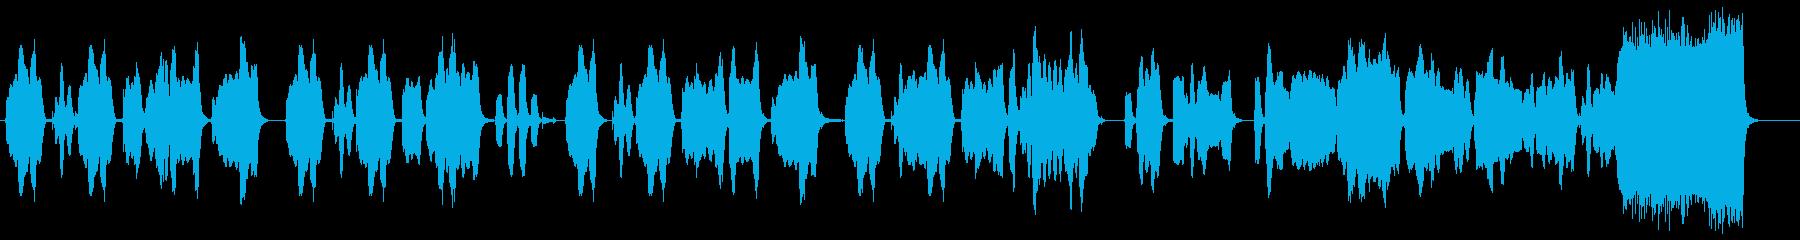 間のぬけたコミカルな木管四重奏の再生済みの波形